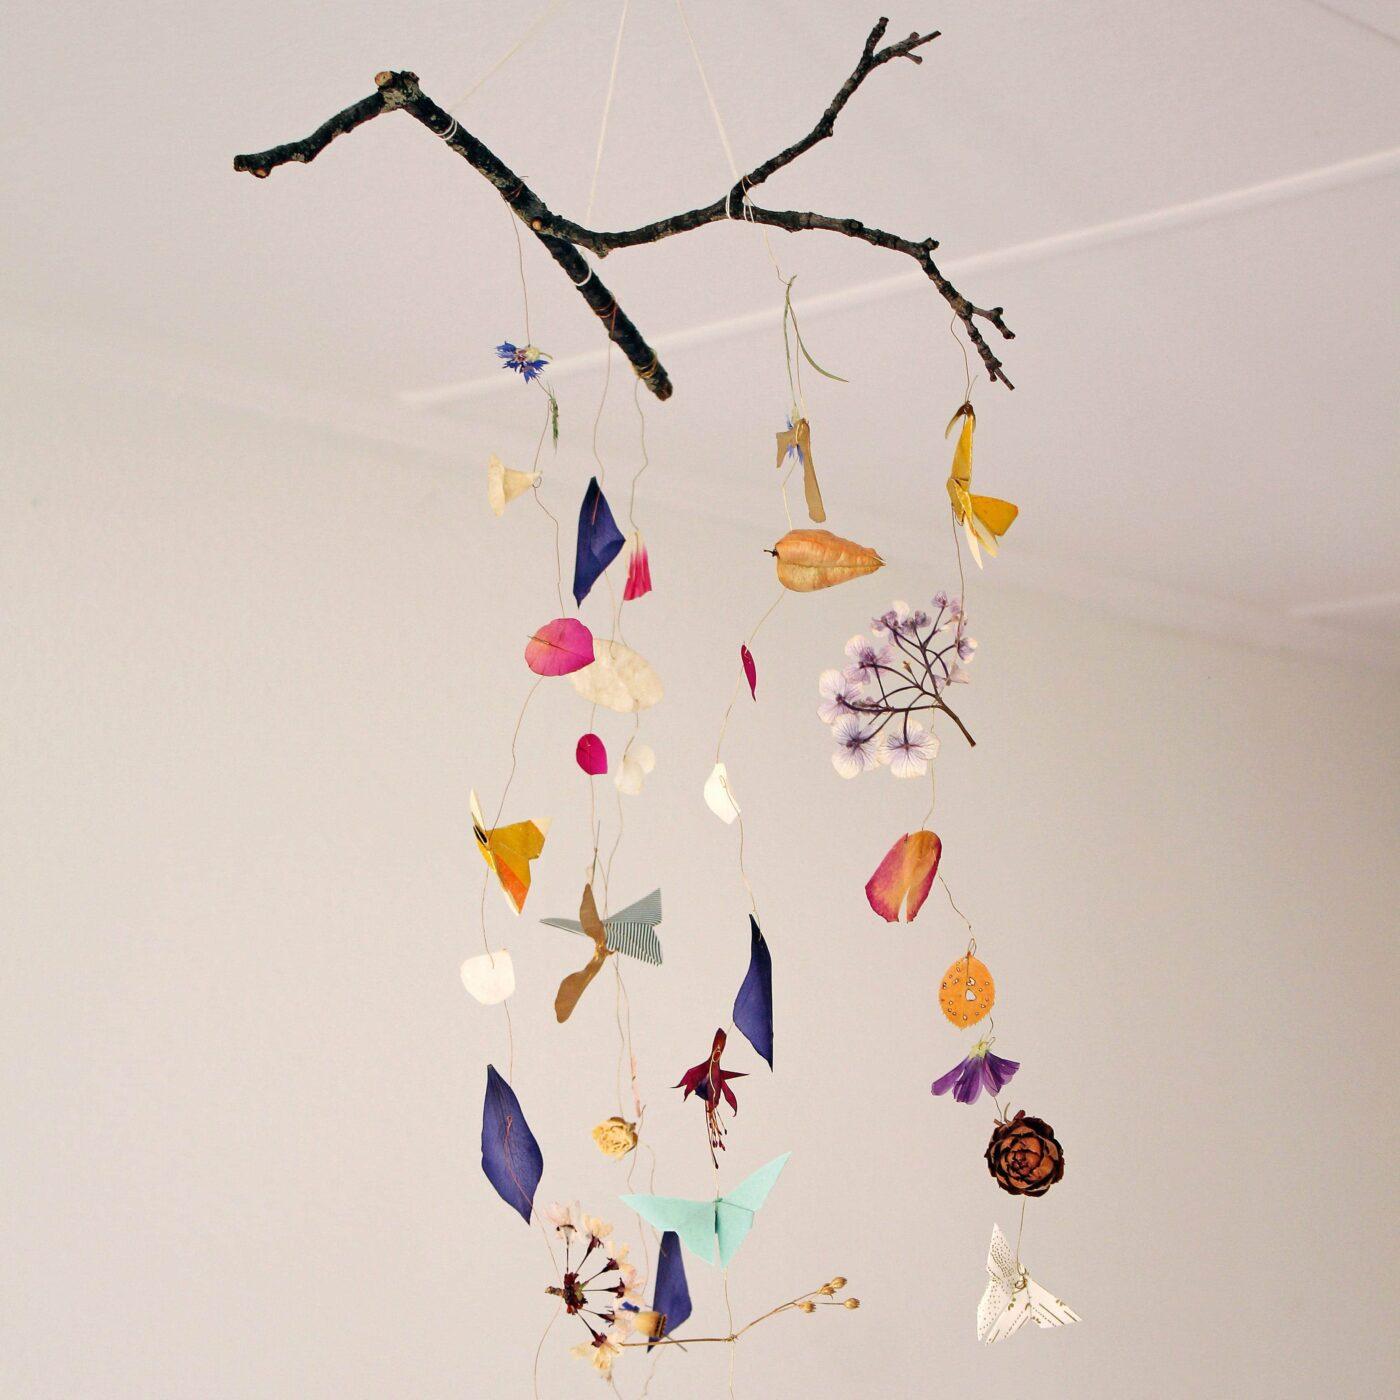 DIY-Mobiles: Origami Mobile mit Schmetterlingen // HIMBEER